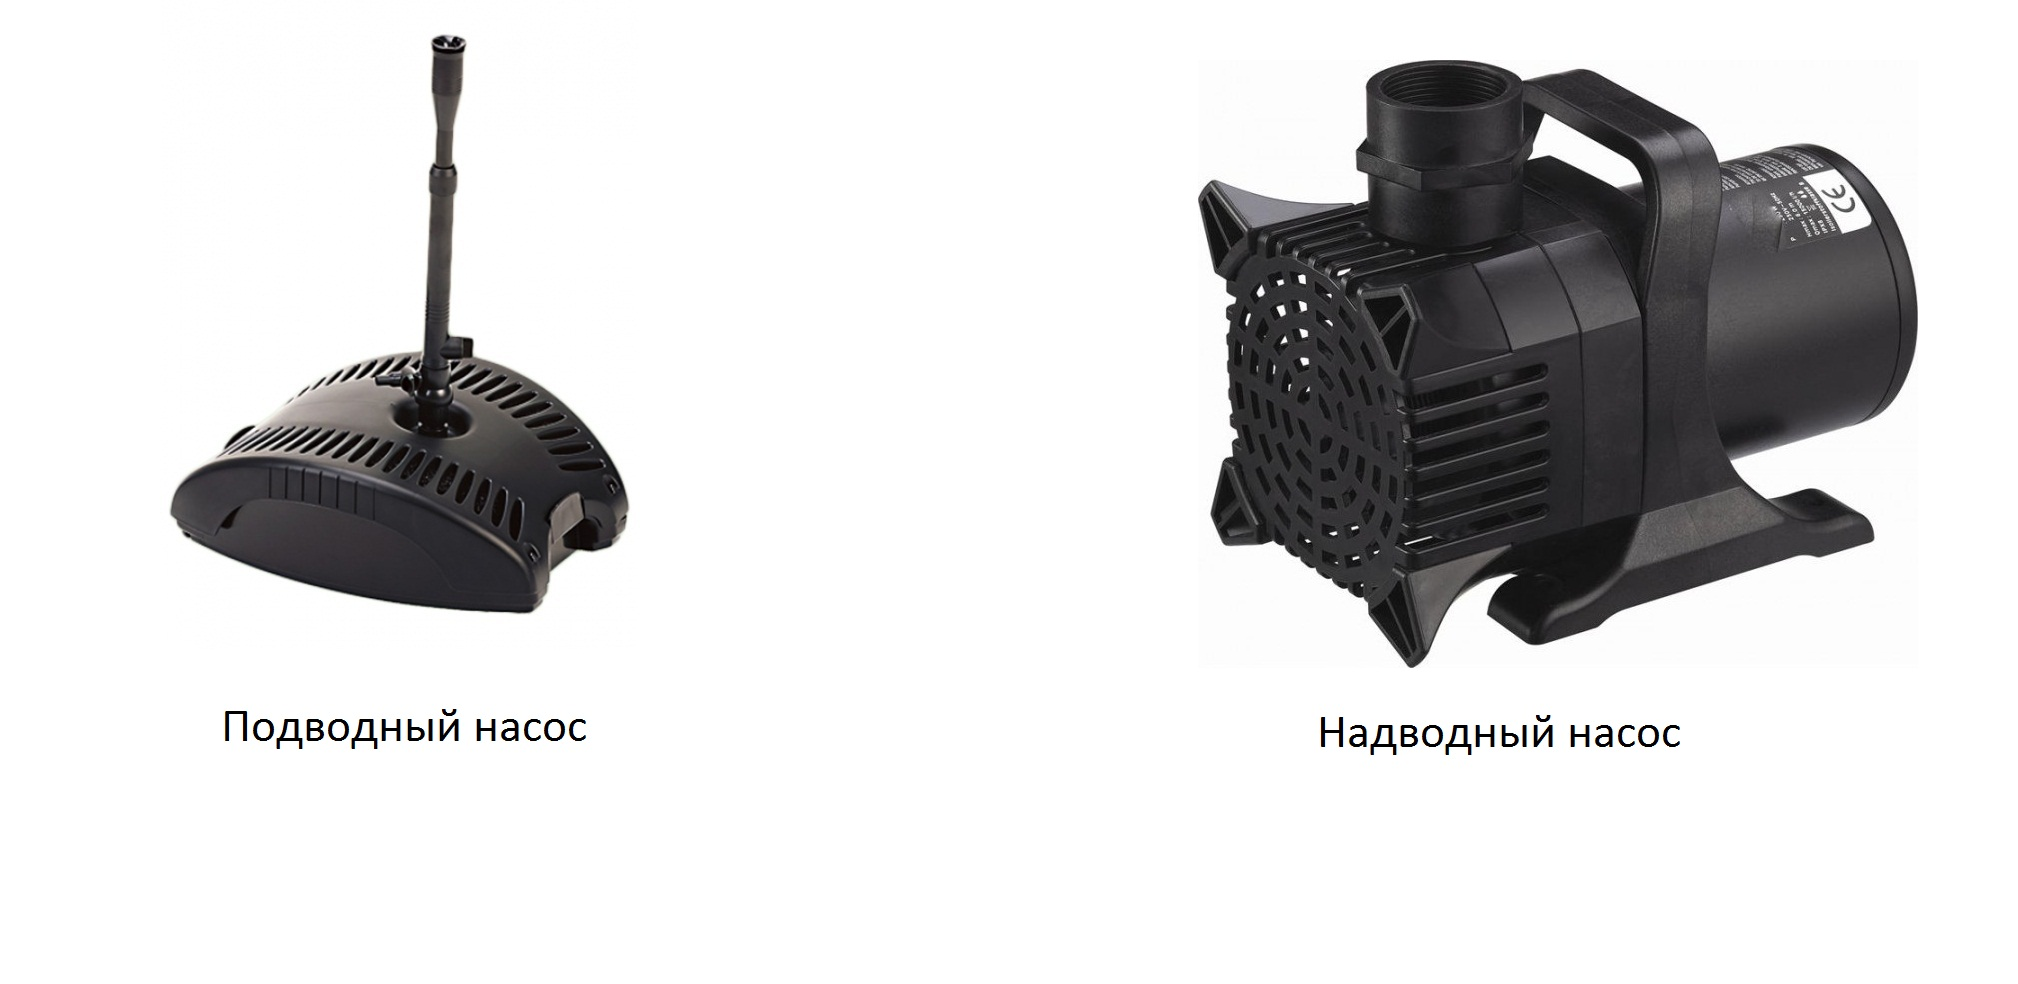 выбор насоса для декоративного водоема на дачном участке